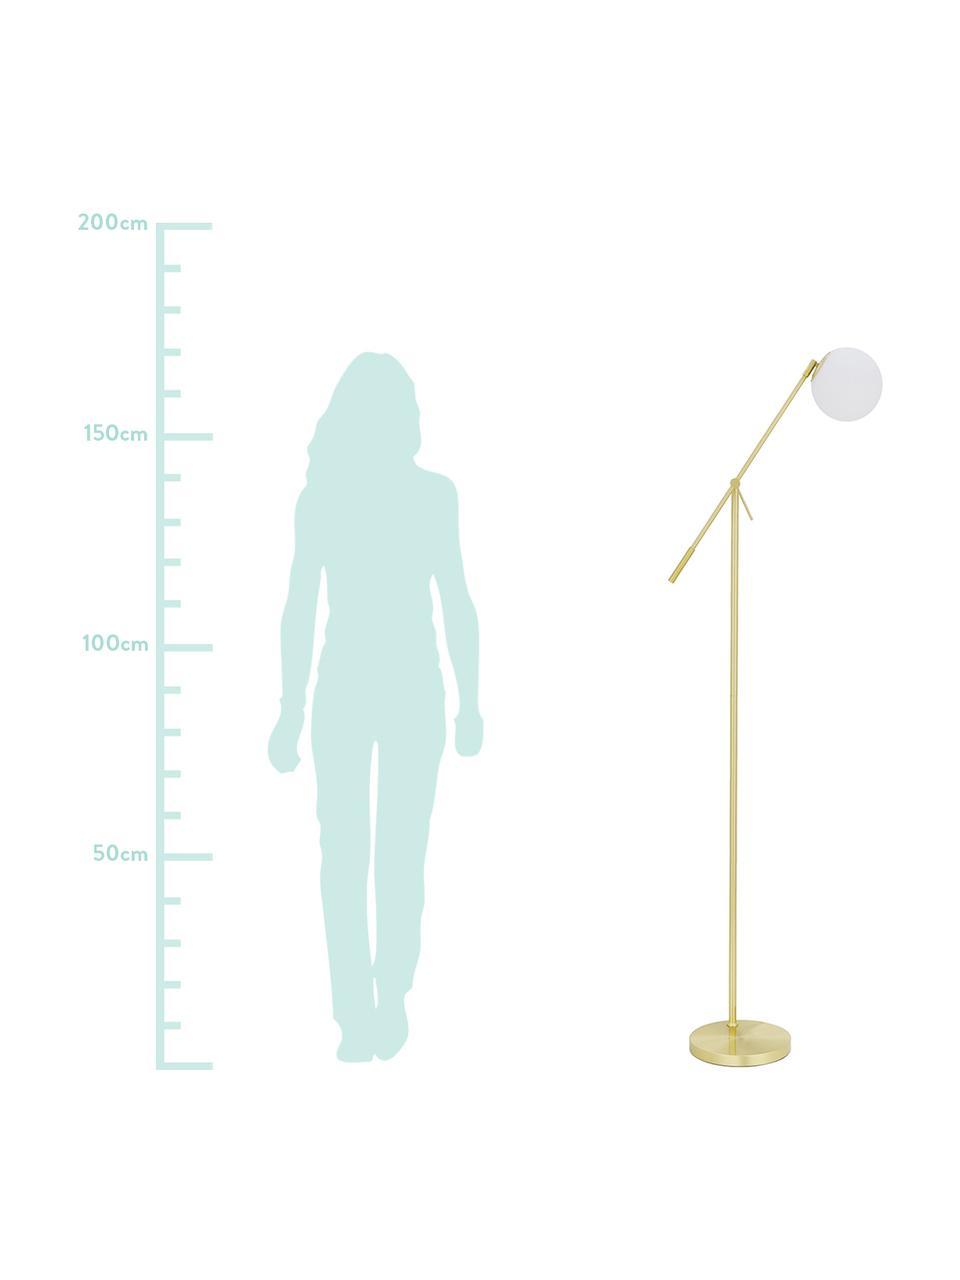 Vloerlamp Moon van opaalglas, Lampenkap: glas, Lampvoet: vermessingd metaal, Baldakijn en fitting: geborsteld messingkleurig. Lampenkap: wit. Snoer: zwart, Ø 17 x H 162 cm